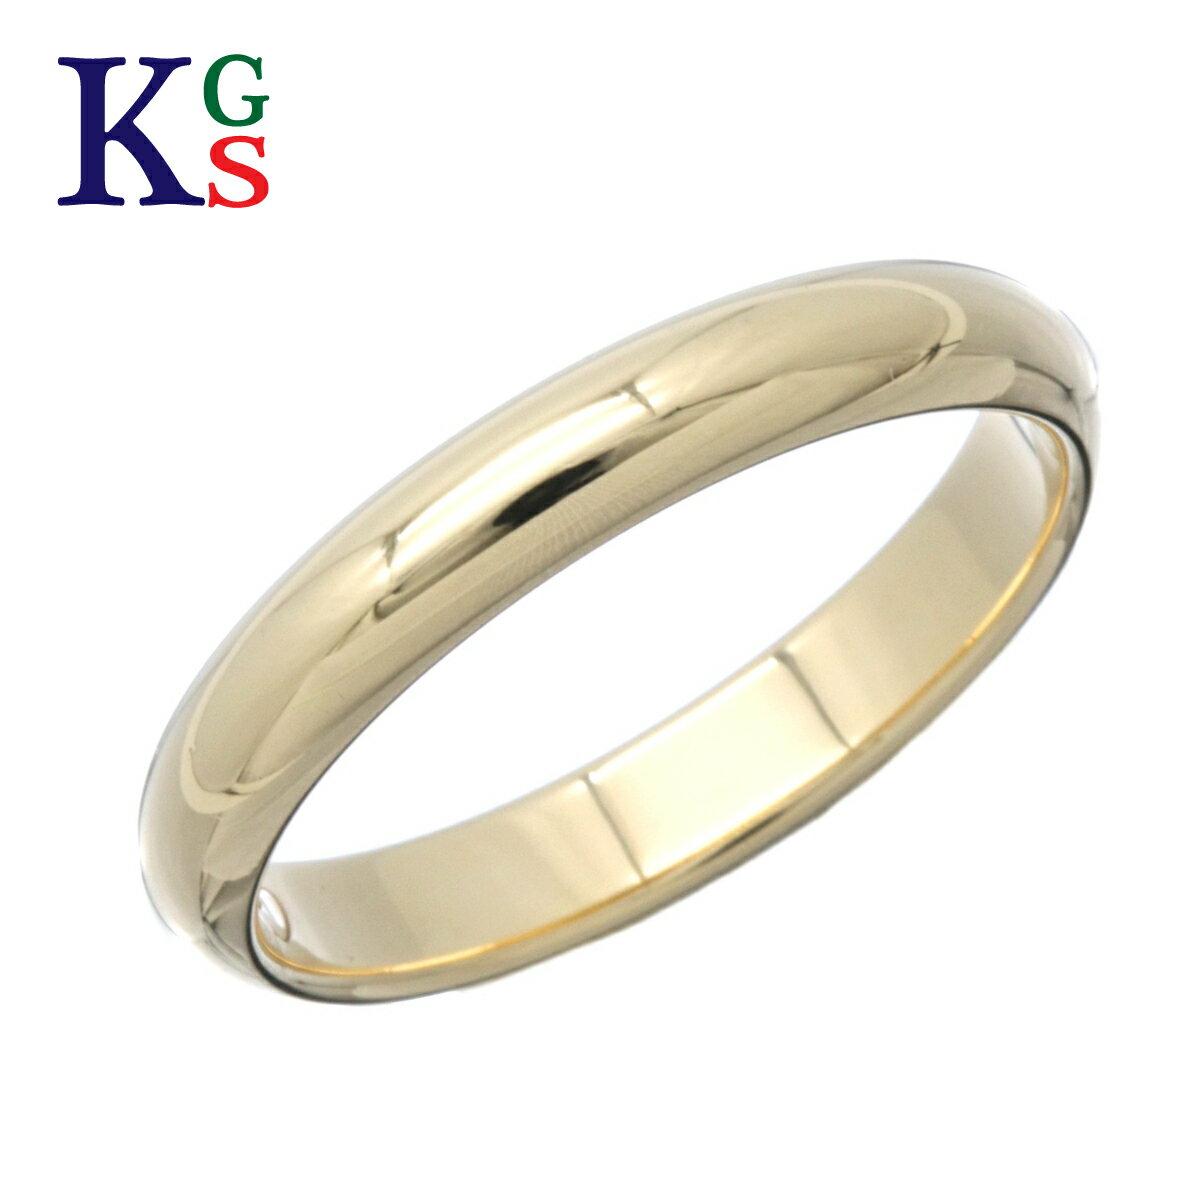 ブライダルジュエリー・アクセサリー, 結婚指輪・マリッジリング 17Cartier 1895 K18YG B4031200